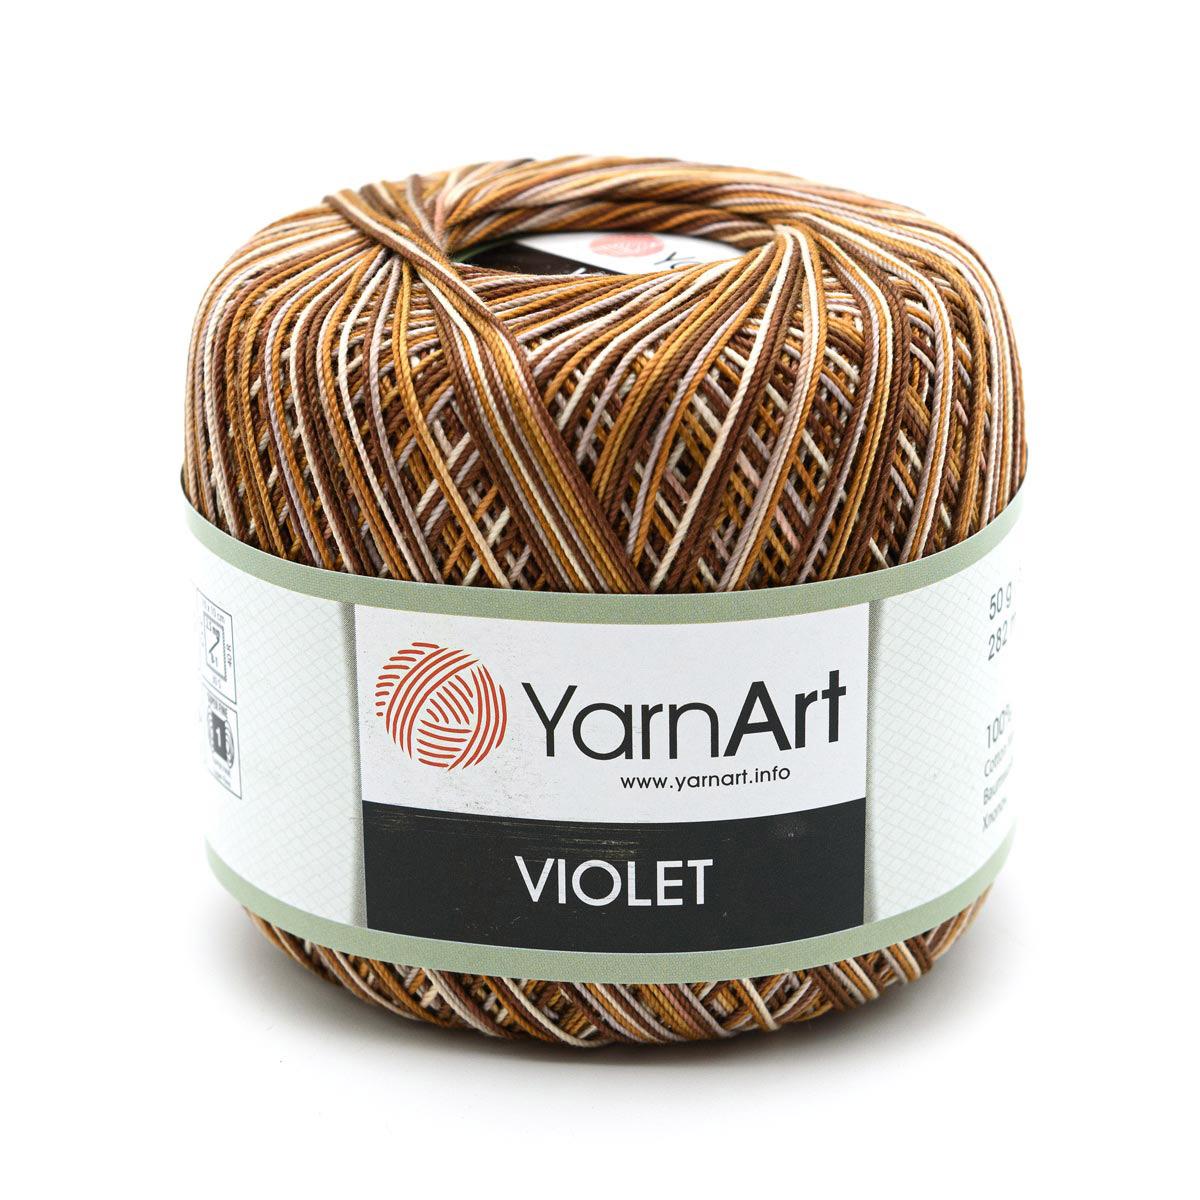 Пряжа YarnArt 'Violet Melange' 50гр 282м (100% мерсеризированный хлопок)